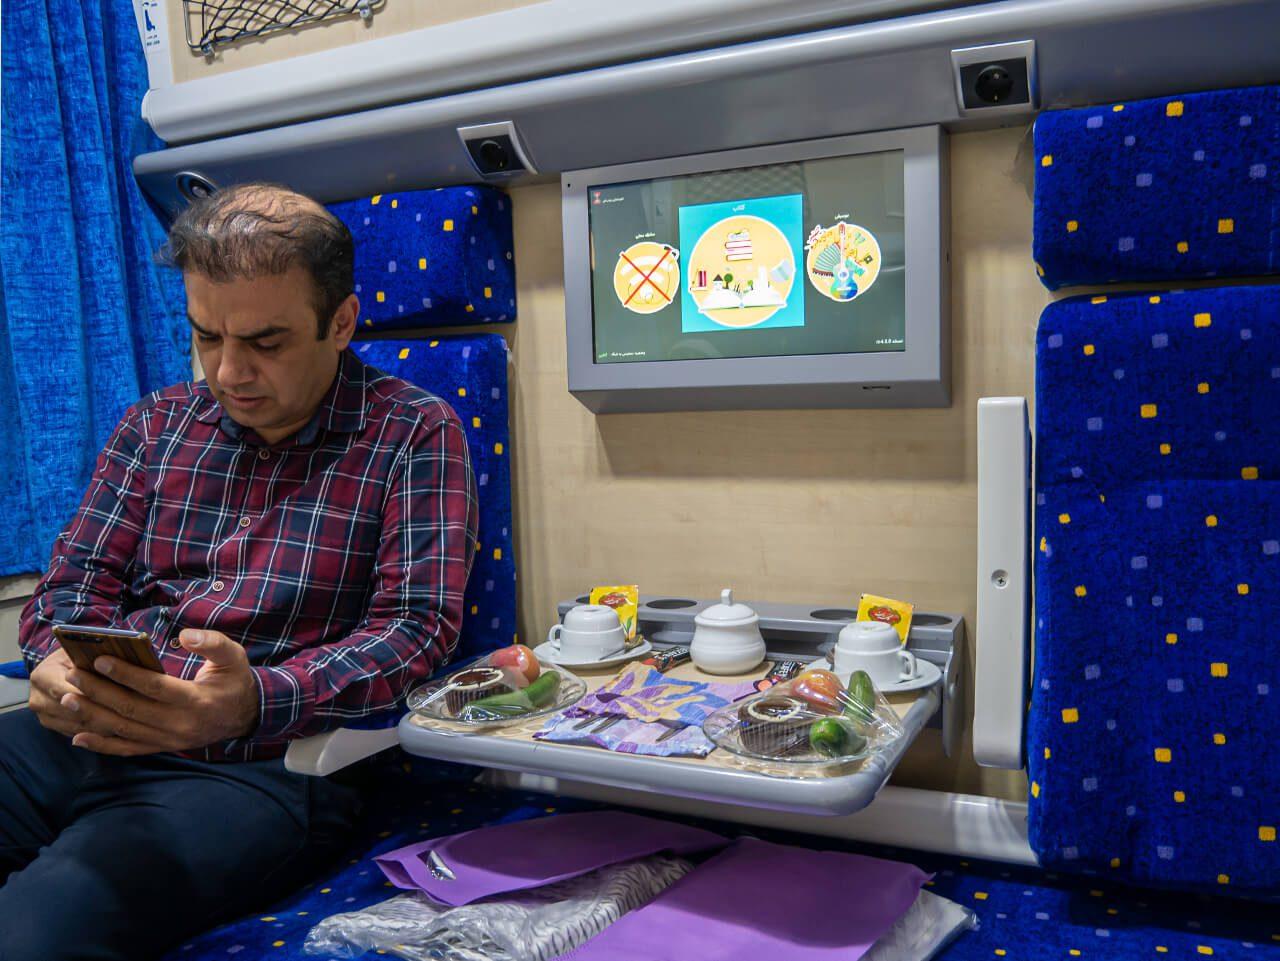 Wnętrze przedziału w pociągu z Teheranu do Shiraz